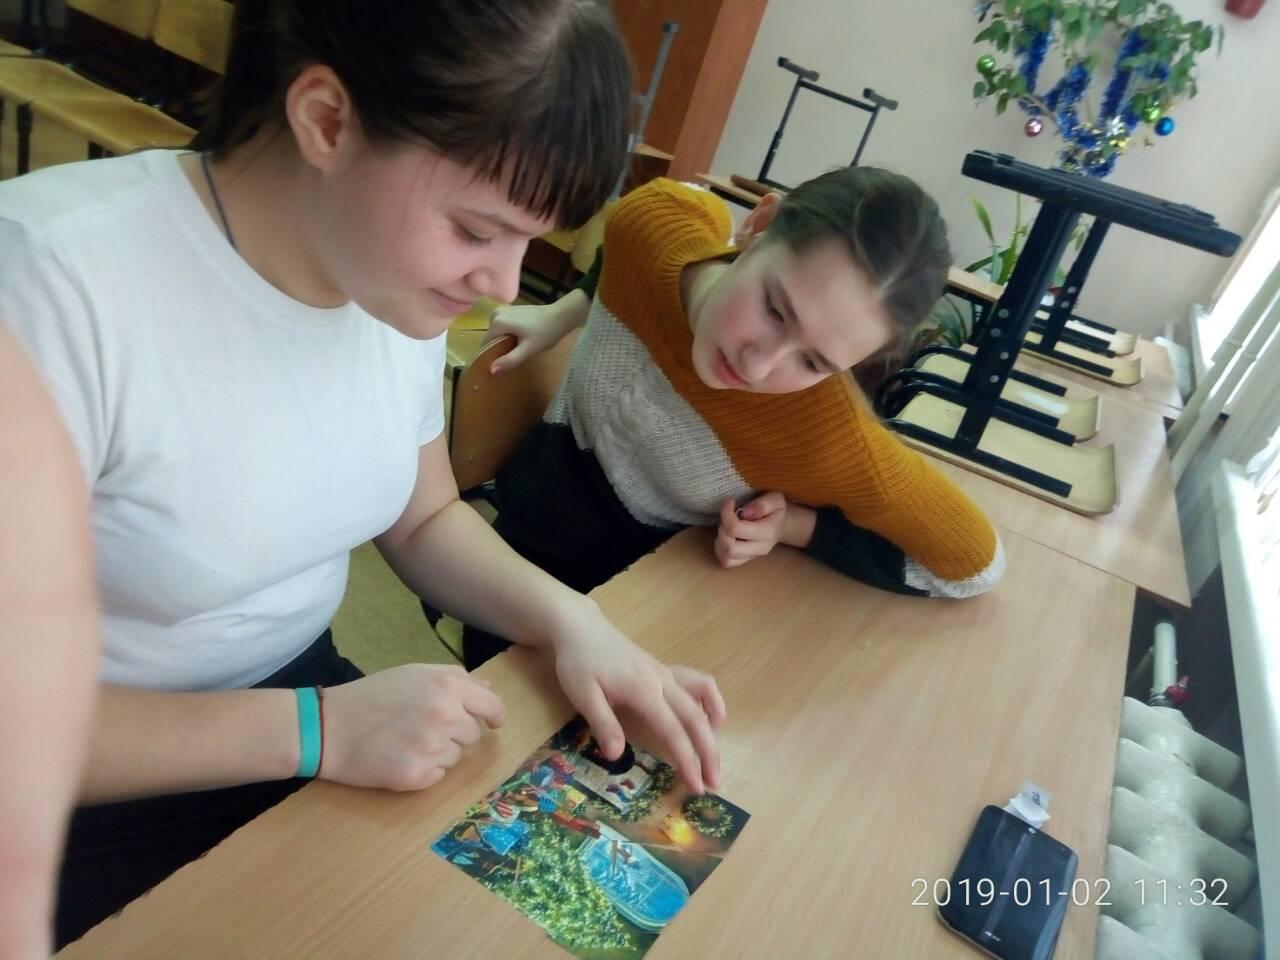 Смотреть сосалкины онлайн, самые сексуальные фото с русскими девушками